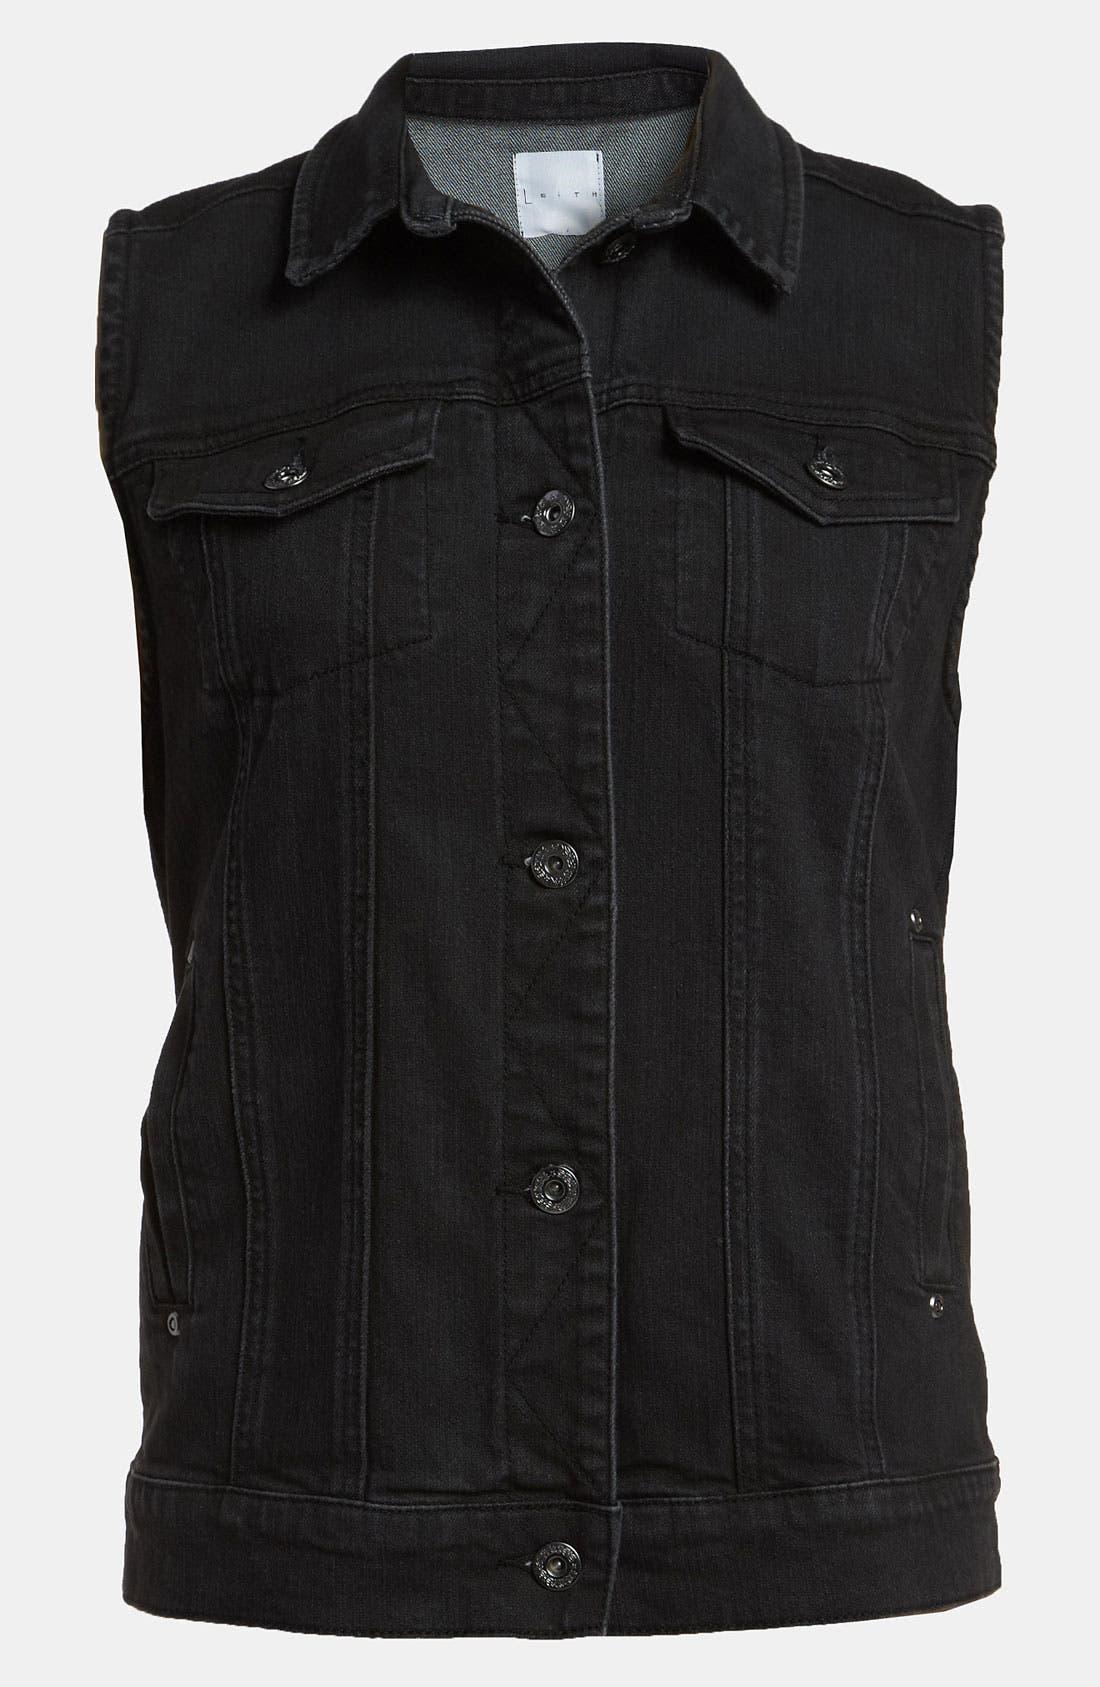 Alternate Image 1 Selected - Leith Sleeveless Denim Jacket